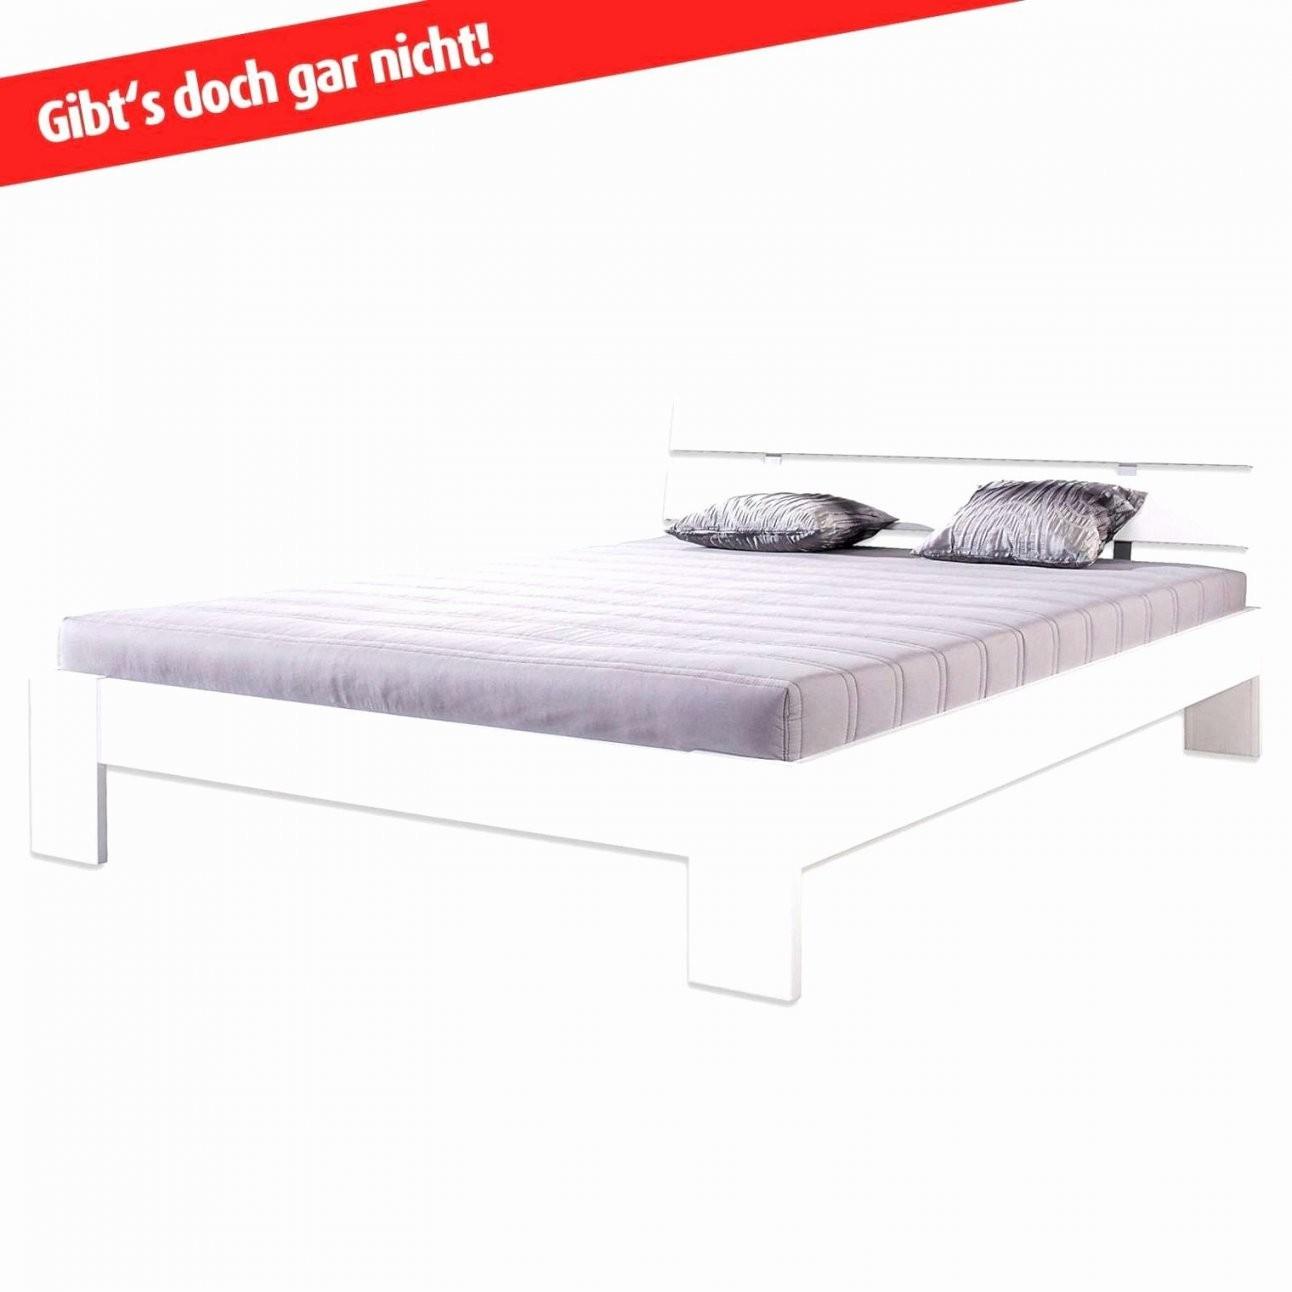 Bett 120×200 Mit Lattenrost Und Matratze Kleine Genüsse Bett 200 200 von Bett 120X200 Mit Lattenrost Und Matratze Photo